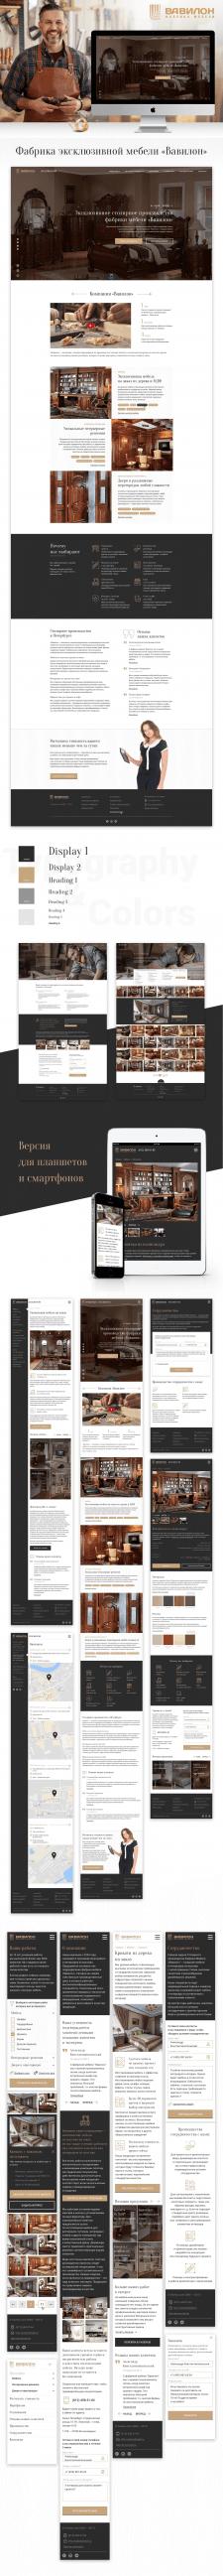 Сайт фабрики эксклюзивной мебели